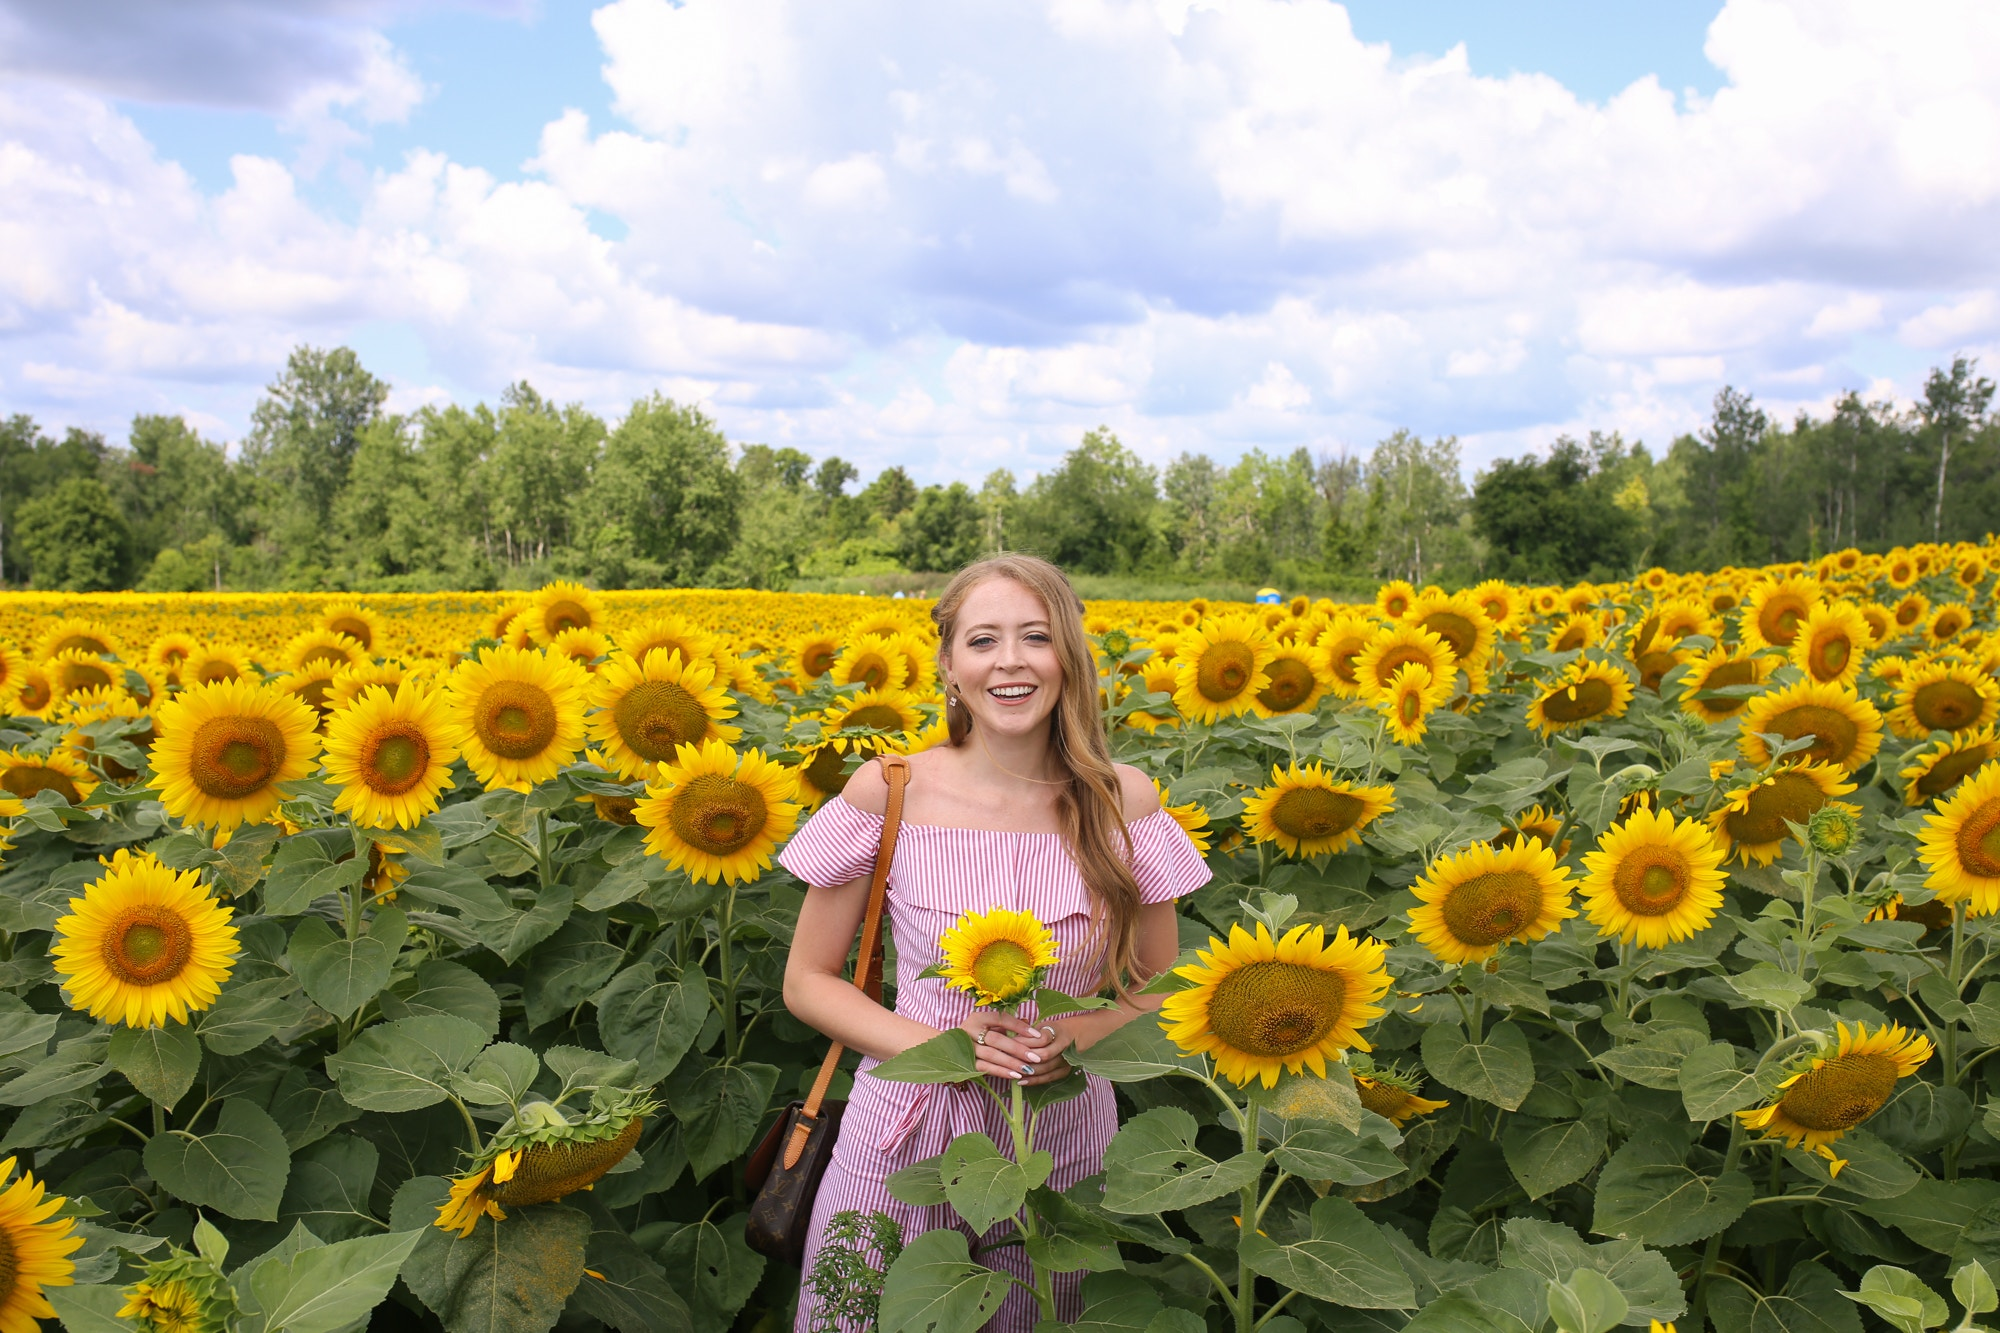 girl in sunflower field